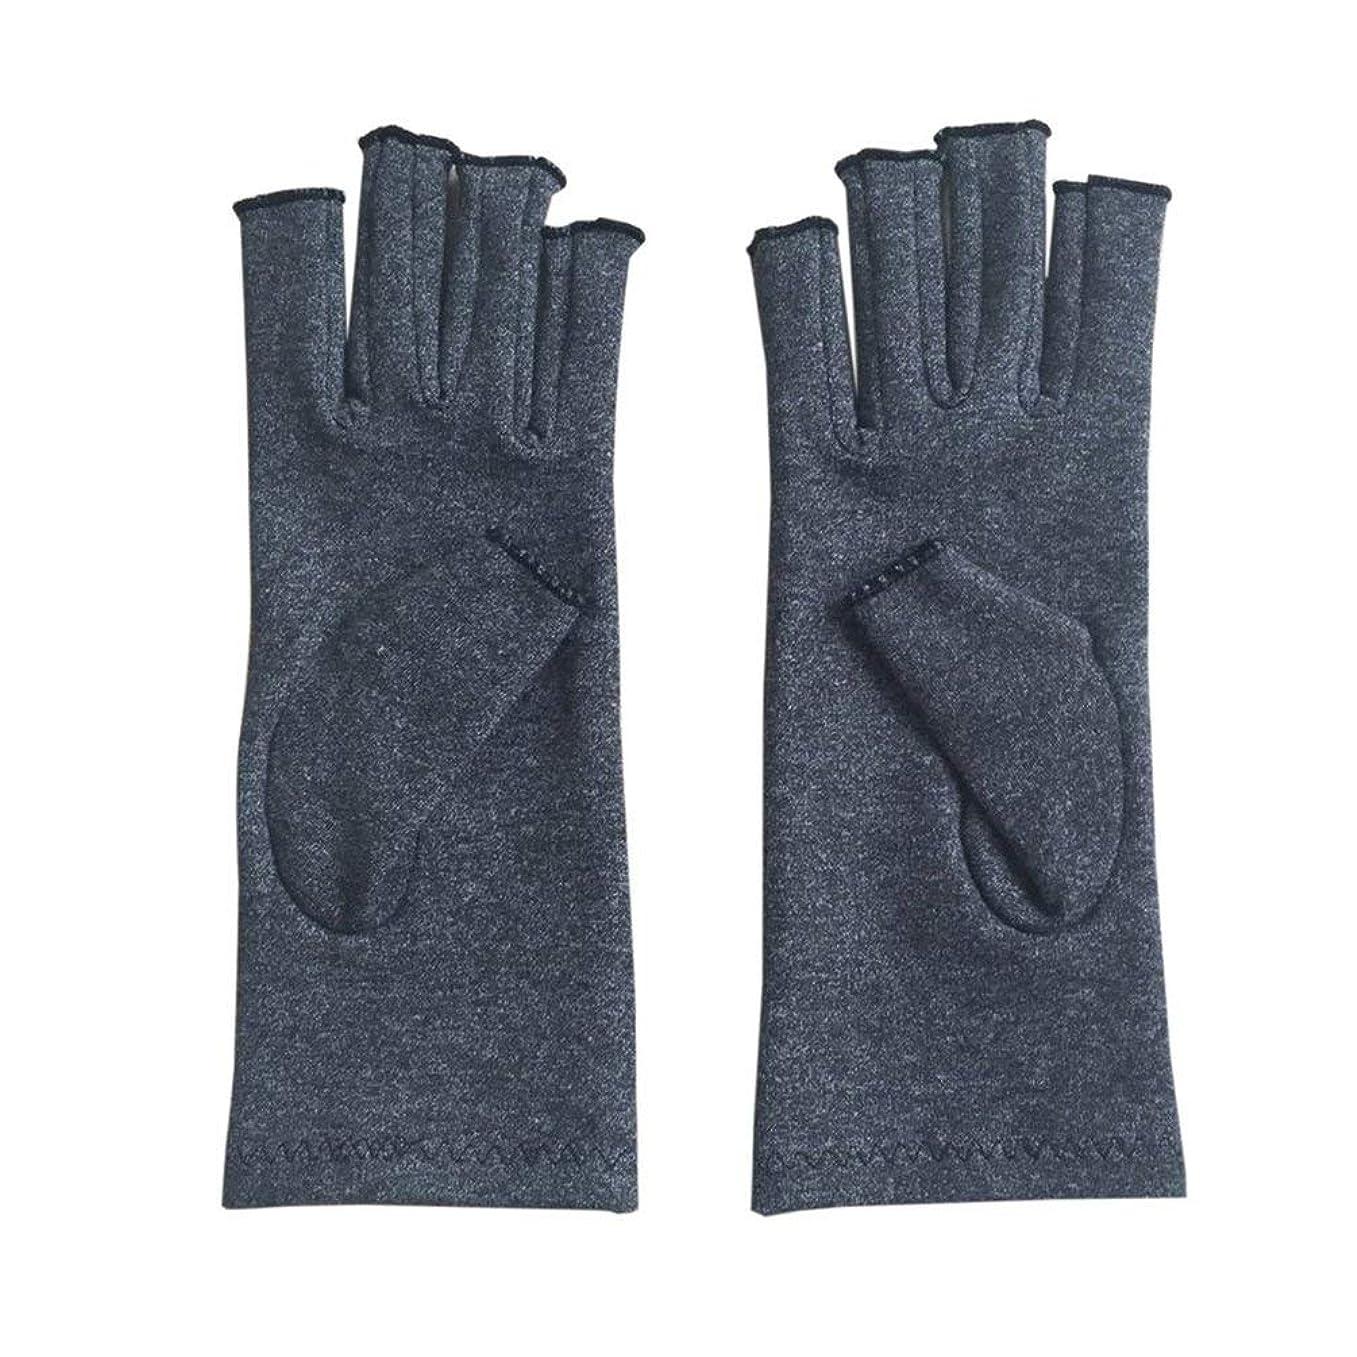 毎日調停する無条件ペア/セットの快適な男性の女性療法の圧縮手袋無地の通気性関節炎の関節の痛みを軽減する手袋 - グレーS